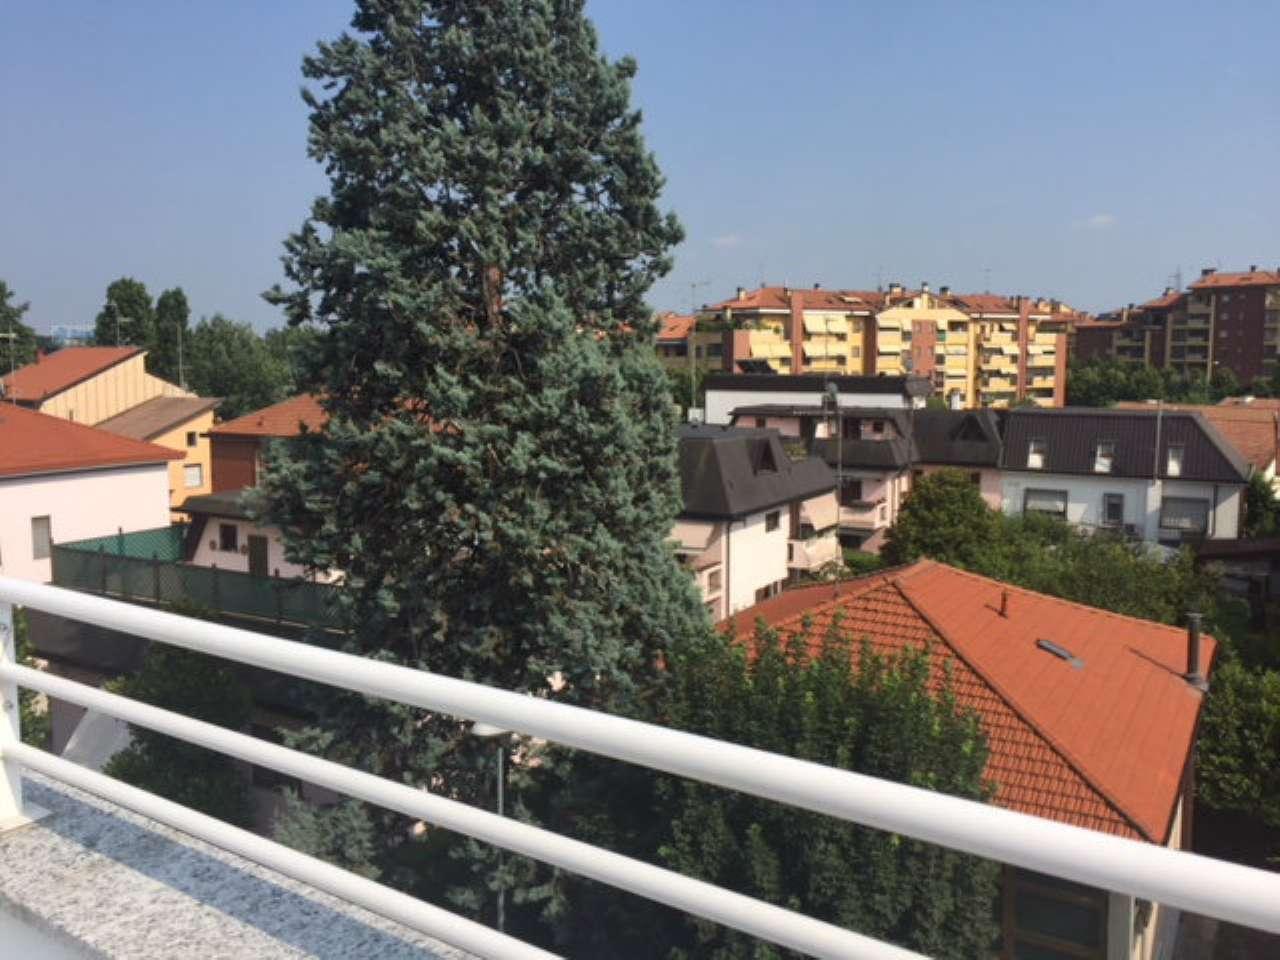 Appartamento in vendita a Rozzano, 3 locali, prezzo € 150.000 | CambioCasa.it